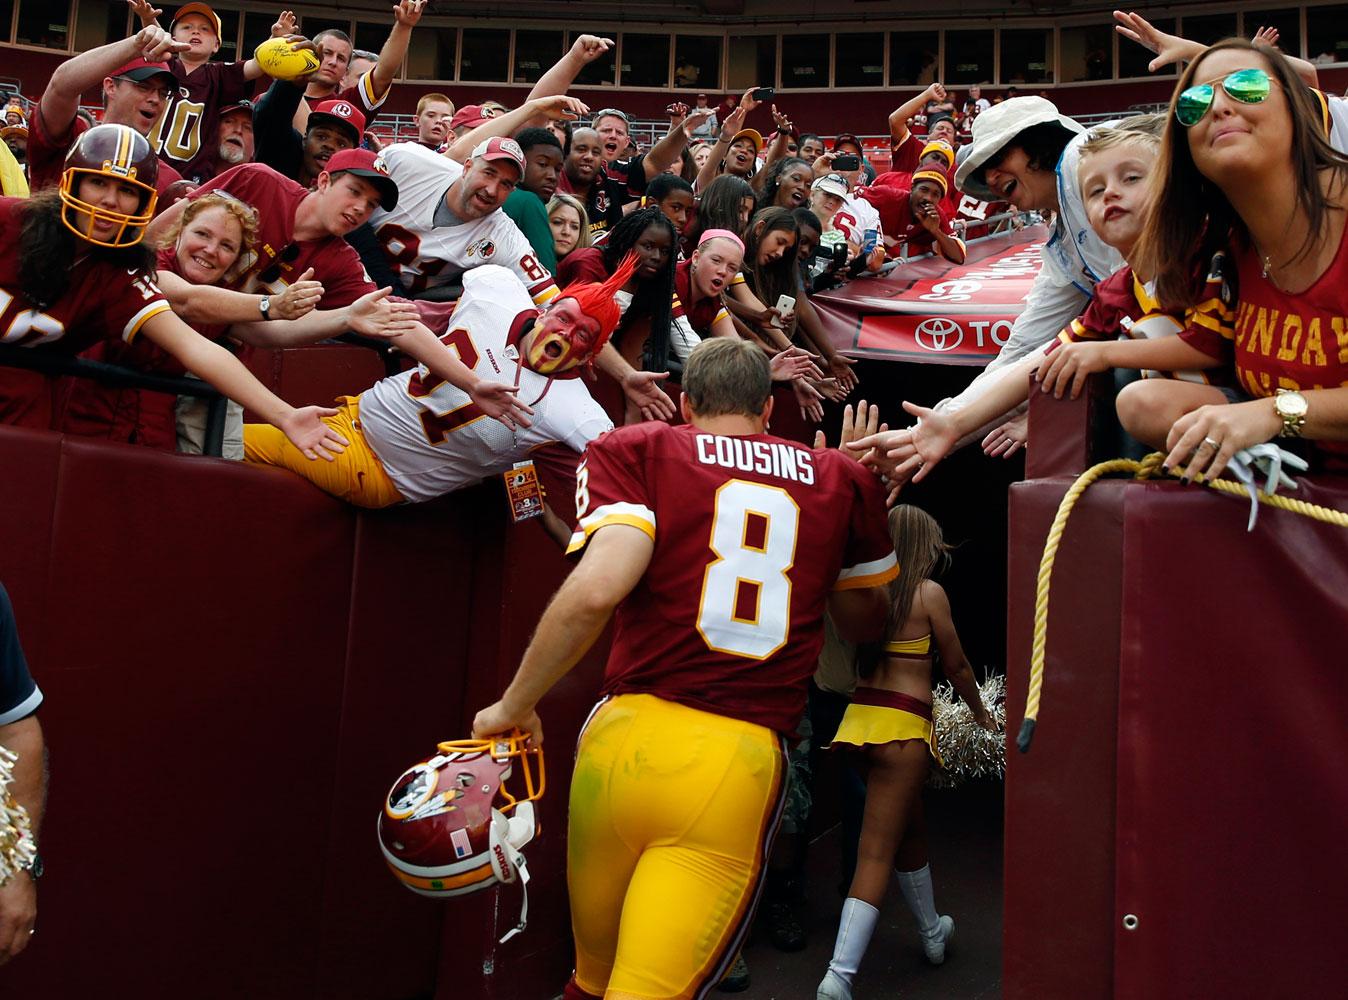 The Redskins' budding quarterback controversy